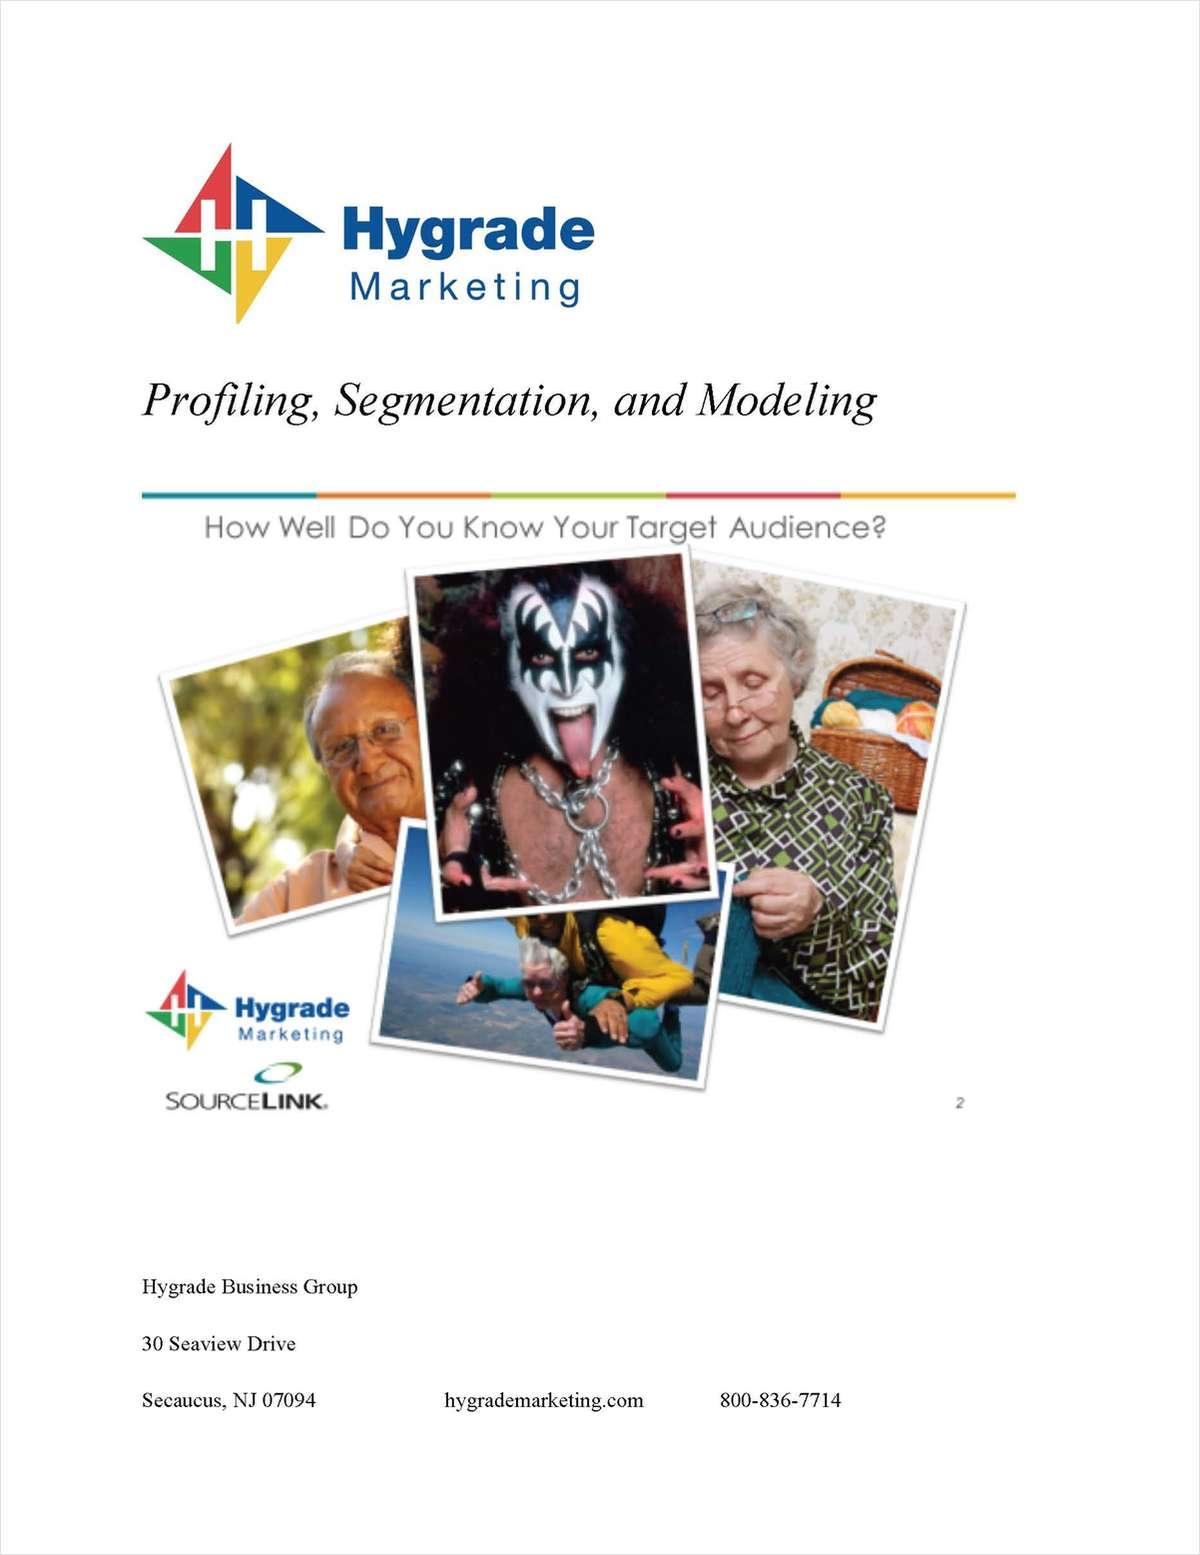 Marketing 101: Profiling, Segmentation and Modeling